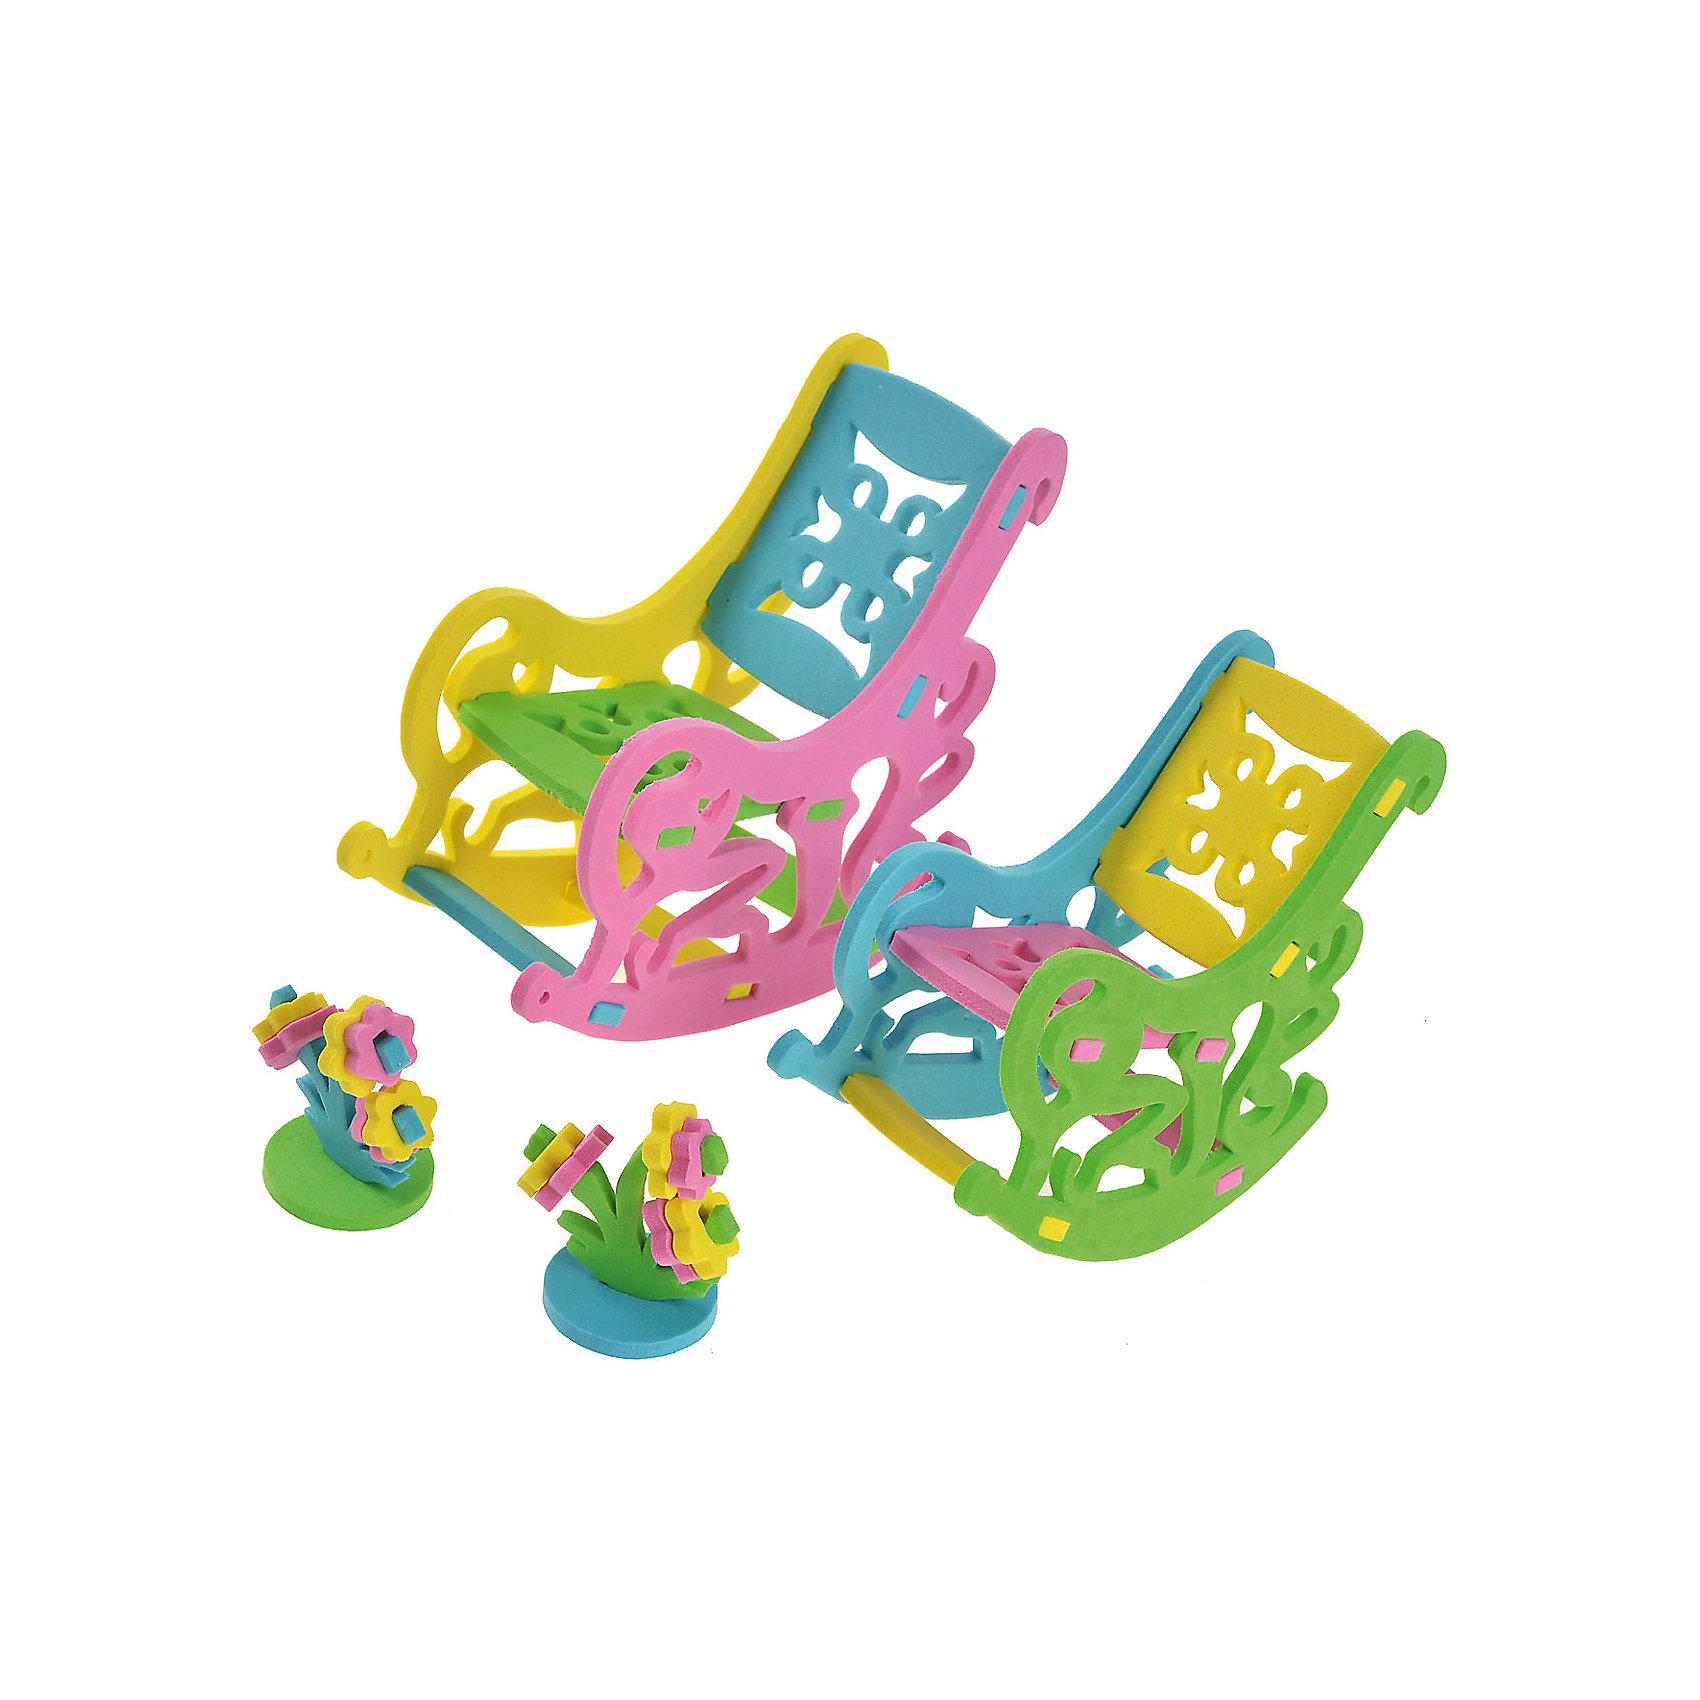 Schreiber Мягкий 3D-пазл Мебель детская мебель